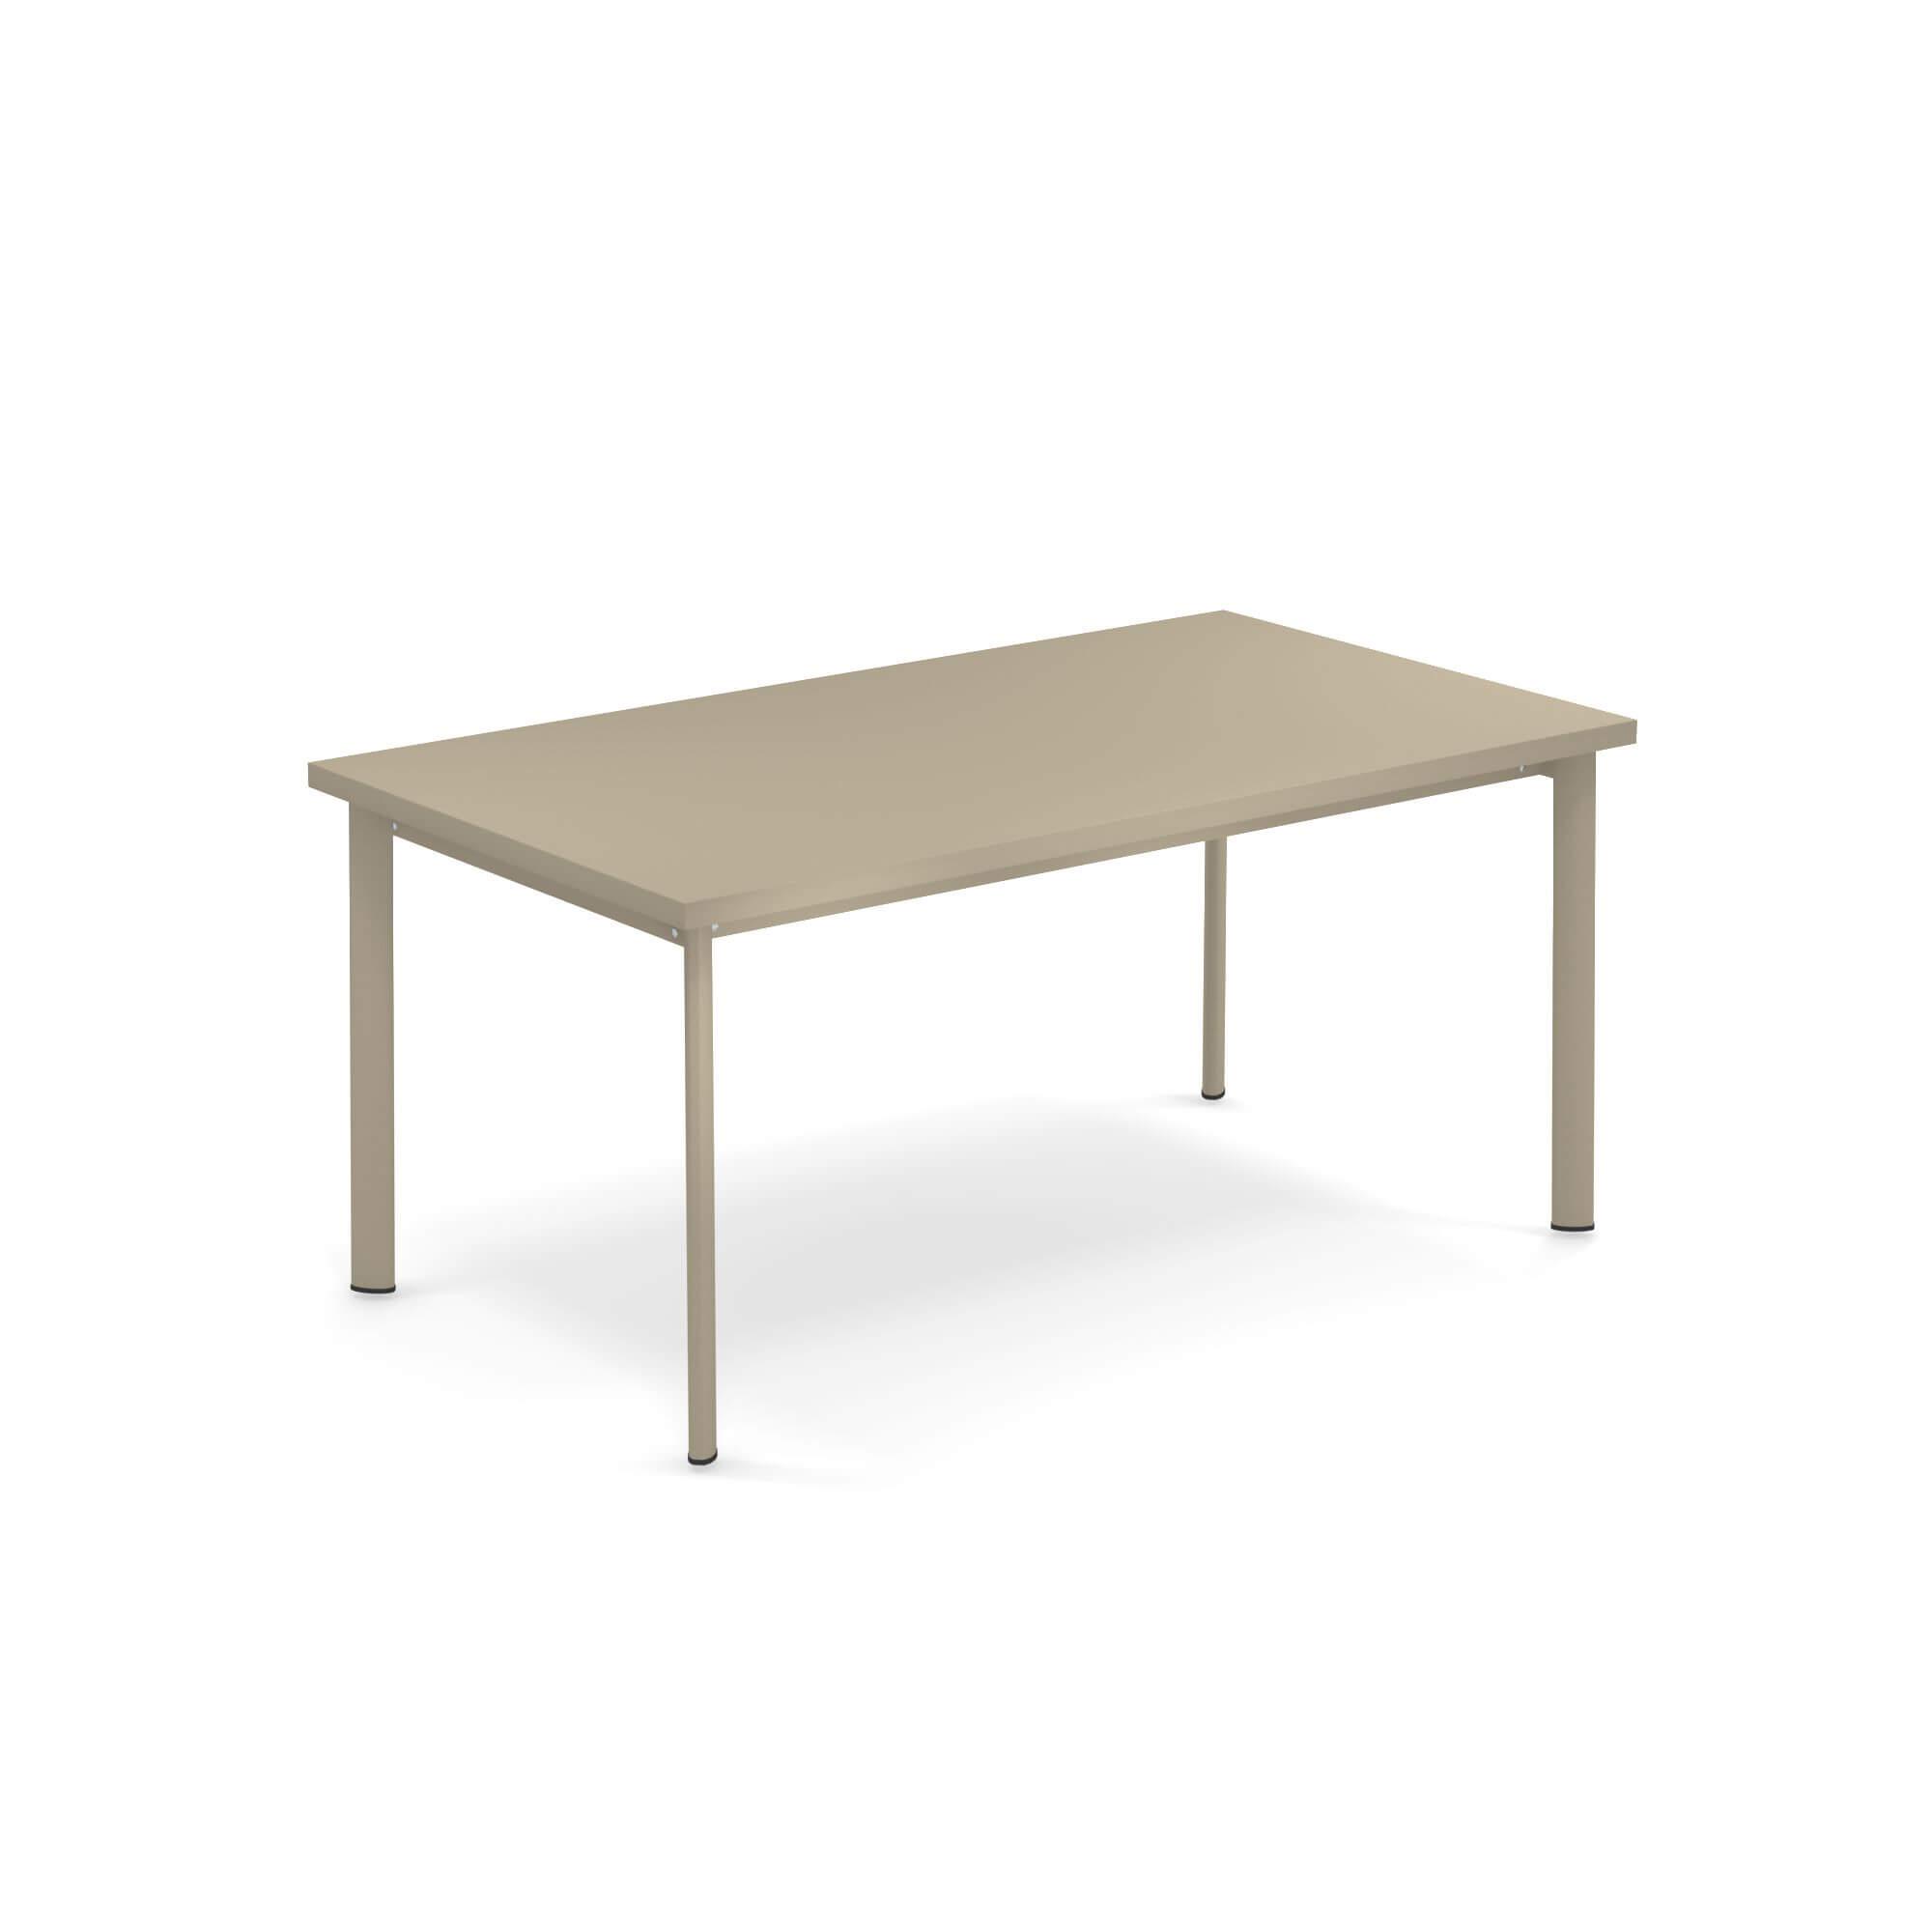 Tavoli Emu Da Esterno.Tavolo Rettangolare 160x90 Da Giardino Esterno In Acciaio